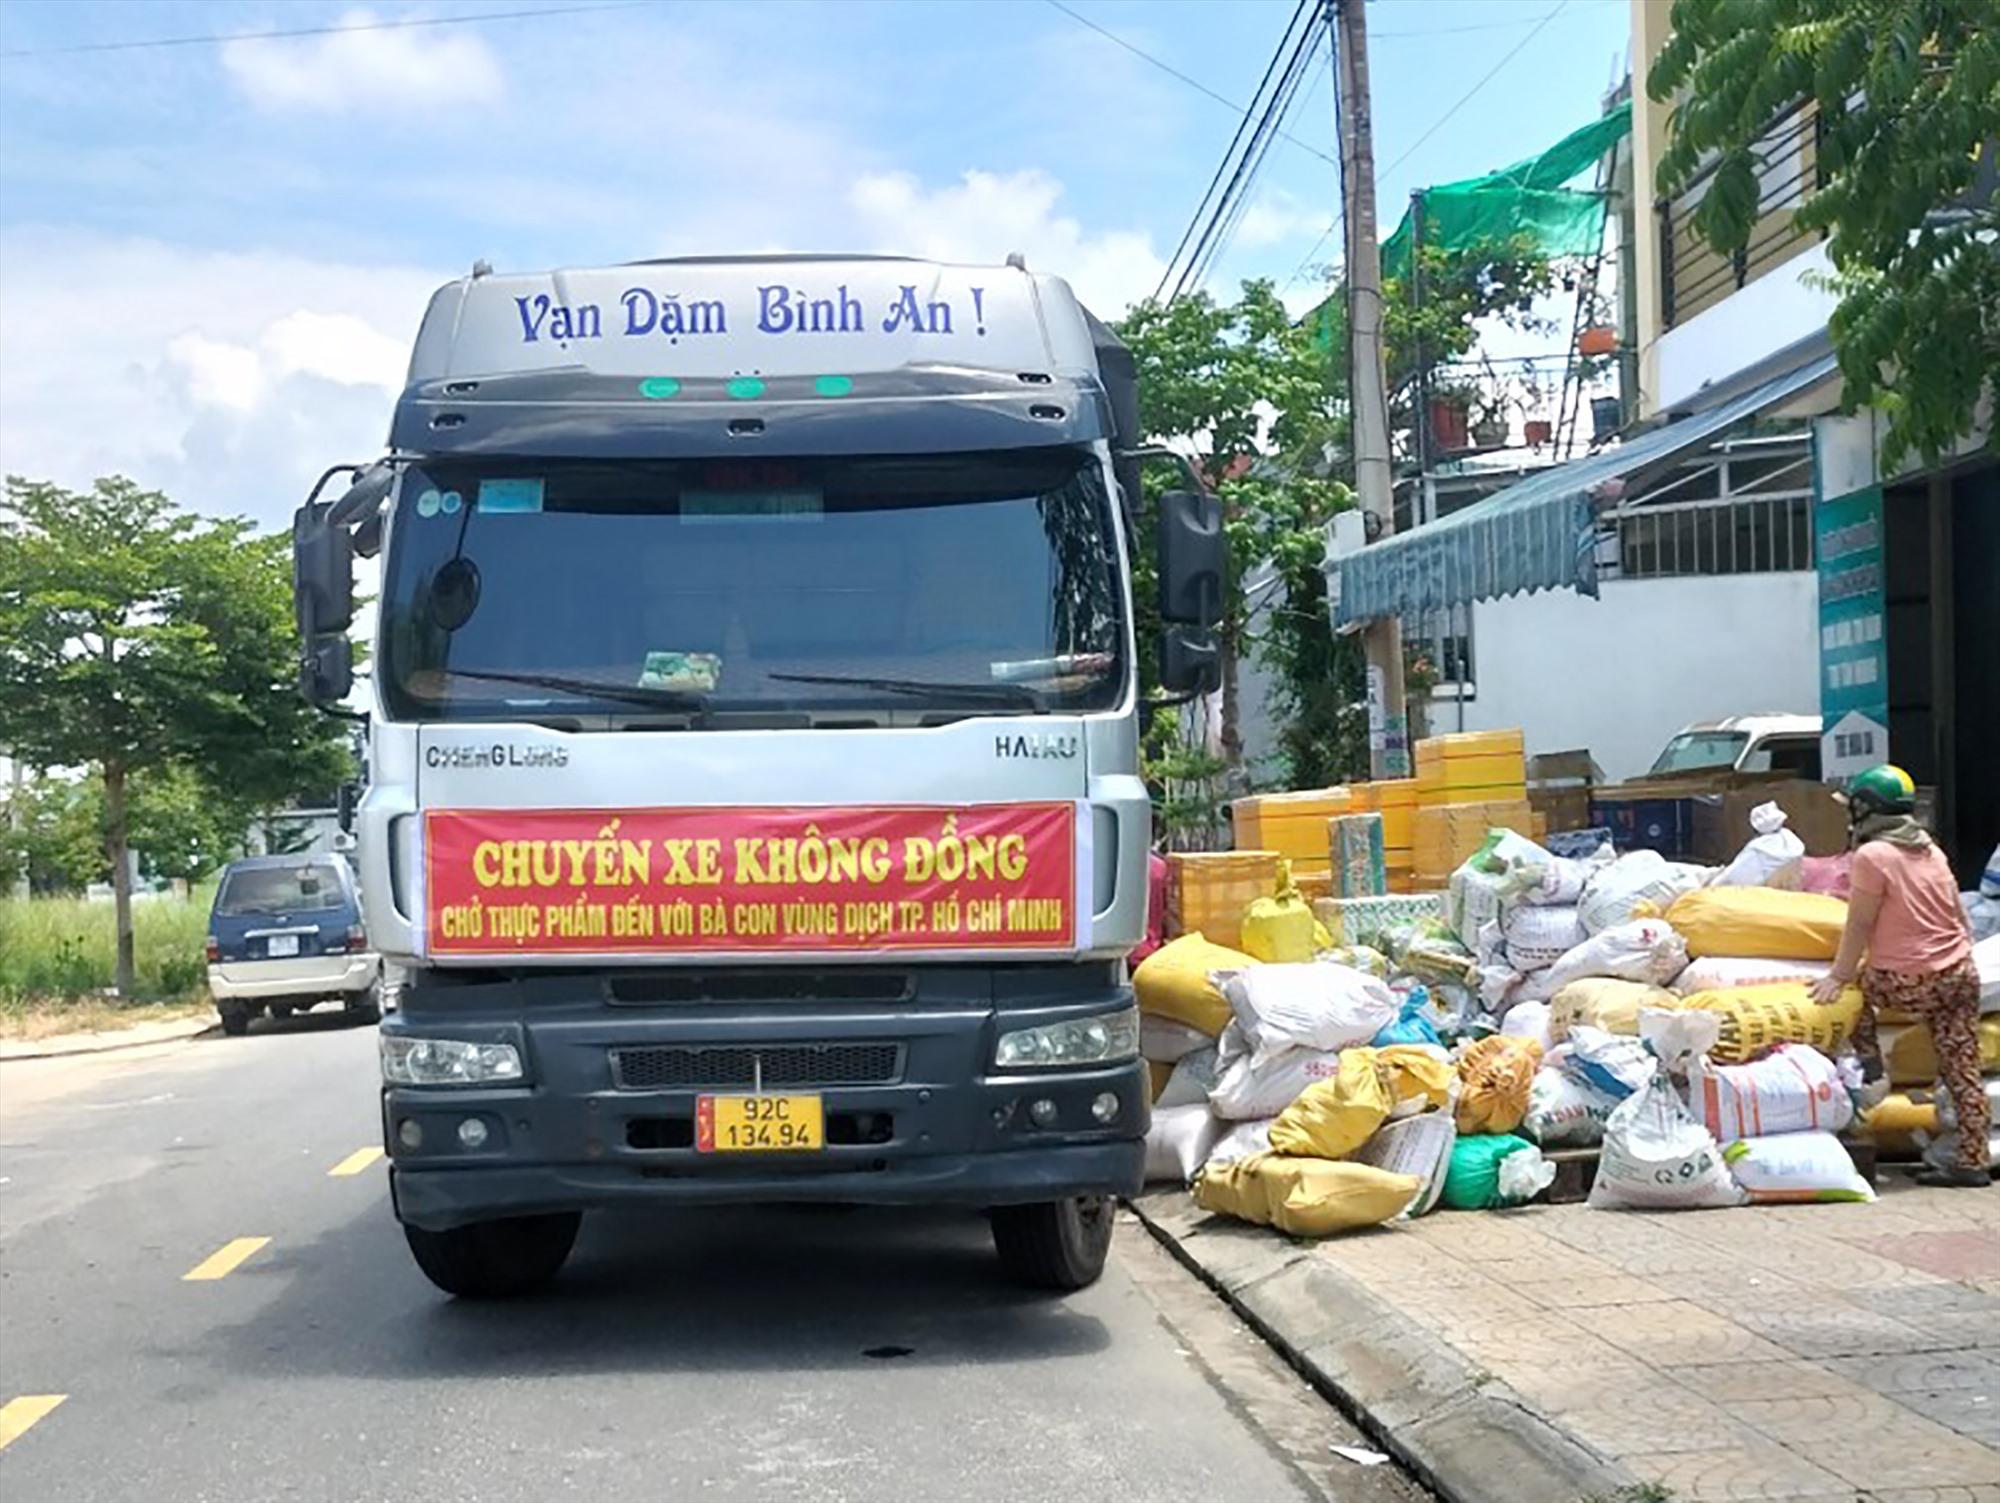 Quảng Nam đã có những chuyến xe 0 đồng vận chuyển hàng hóa nông sản hỗ trợ cho bà con tại TP. Hồ Chí Minh. Ảnh: L.Q